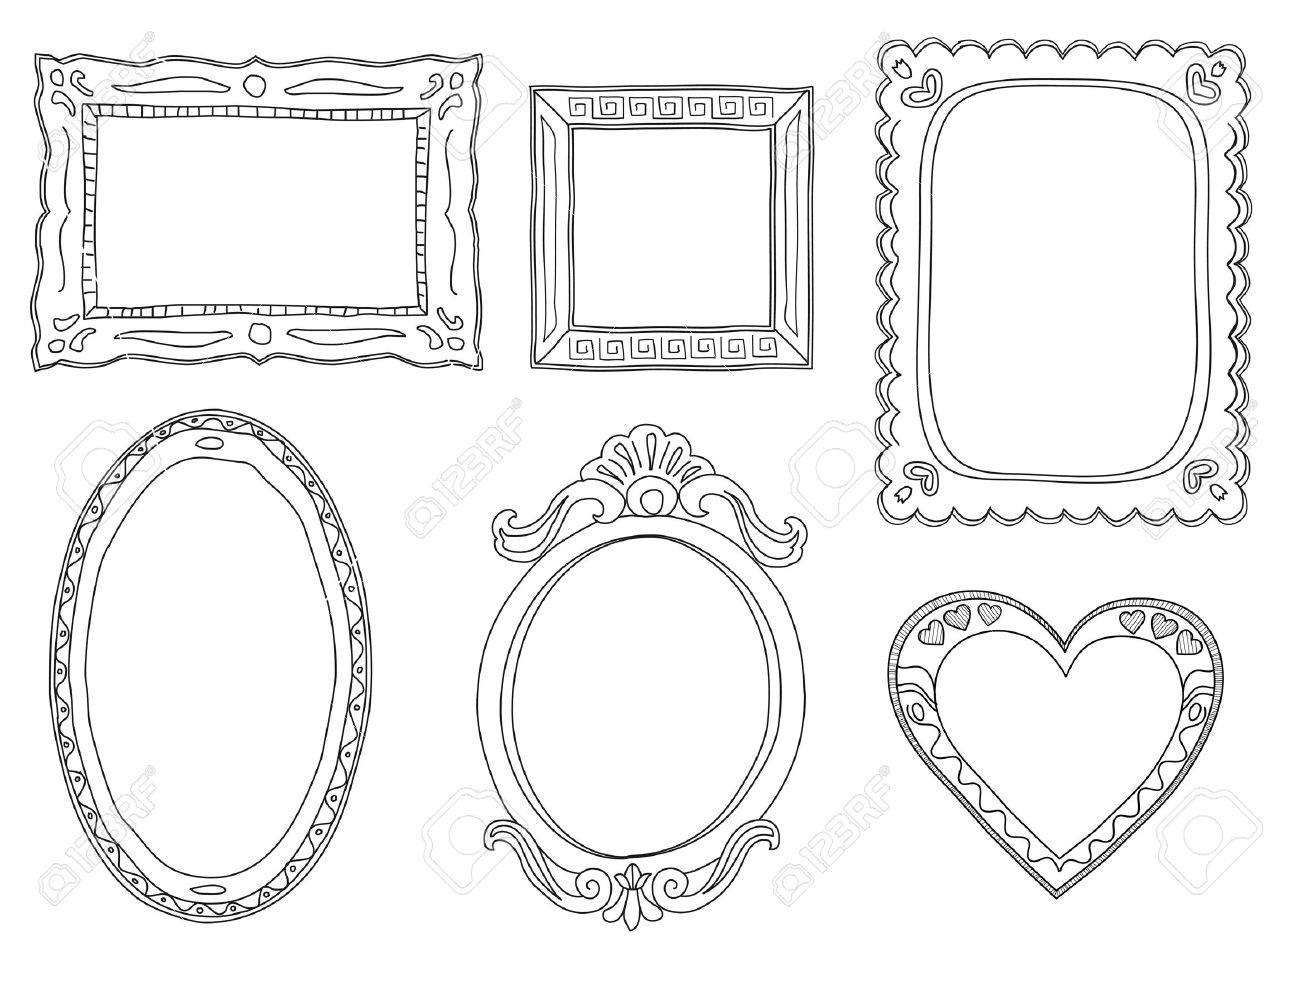 Set of hand-drawn doodle frames - 15305657